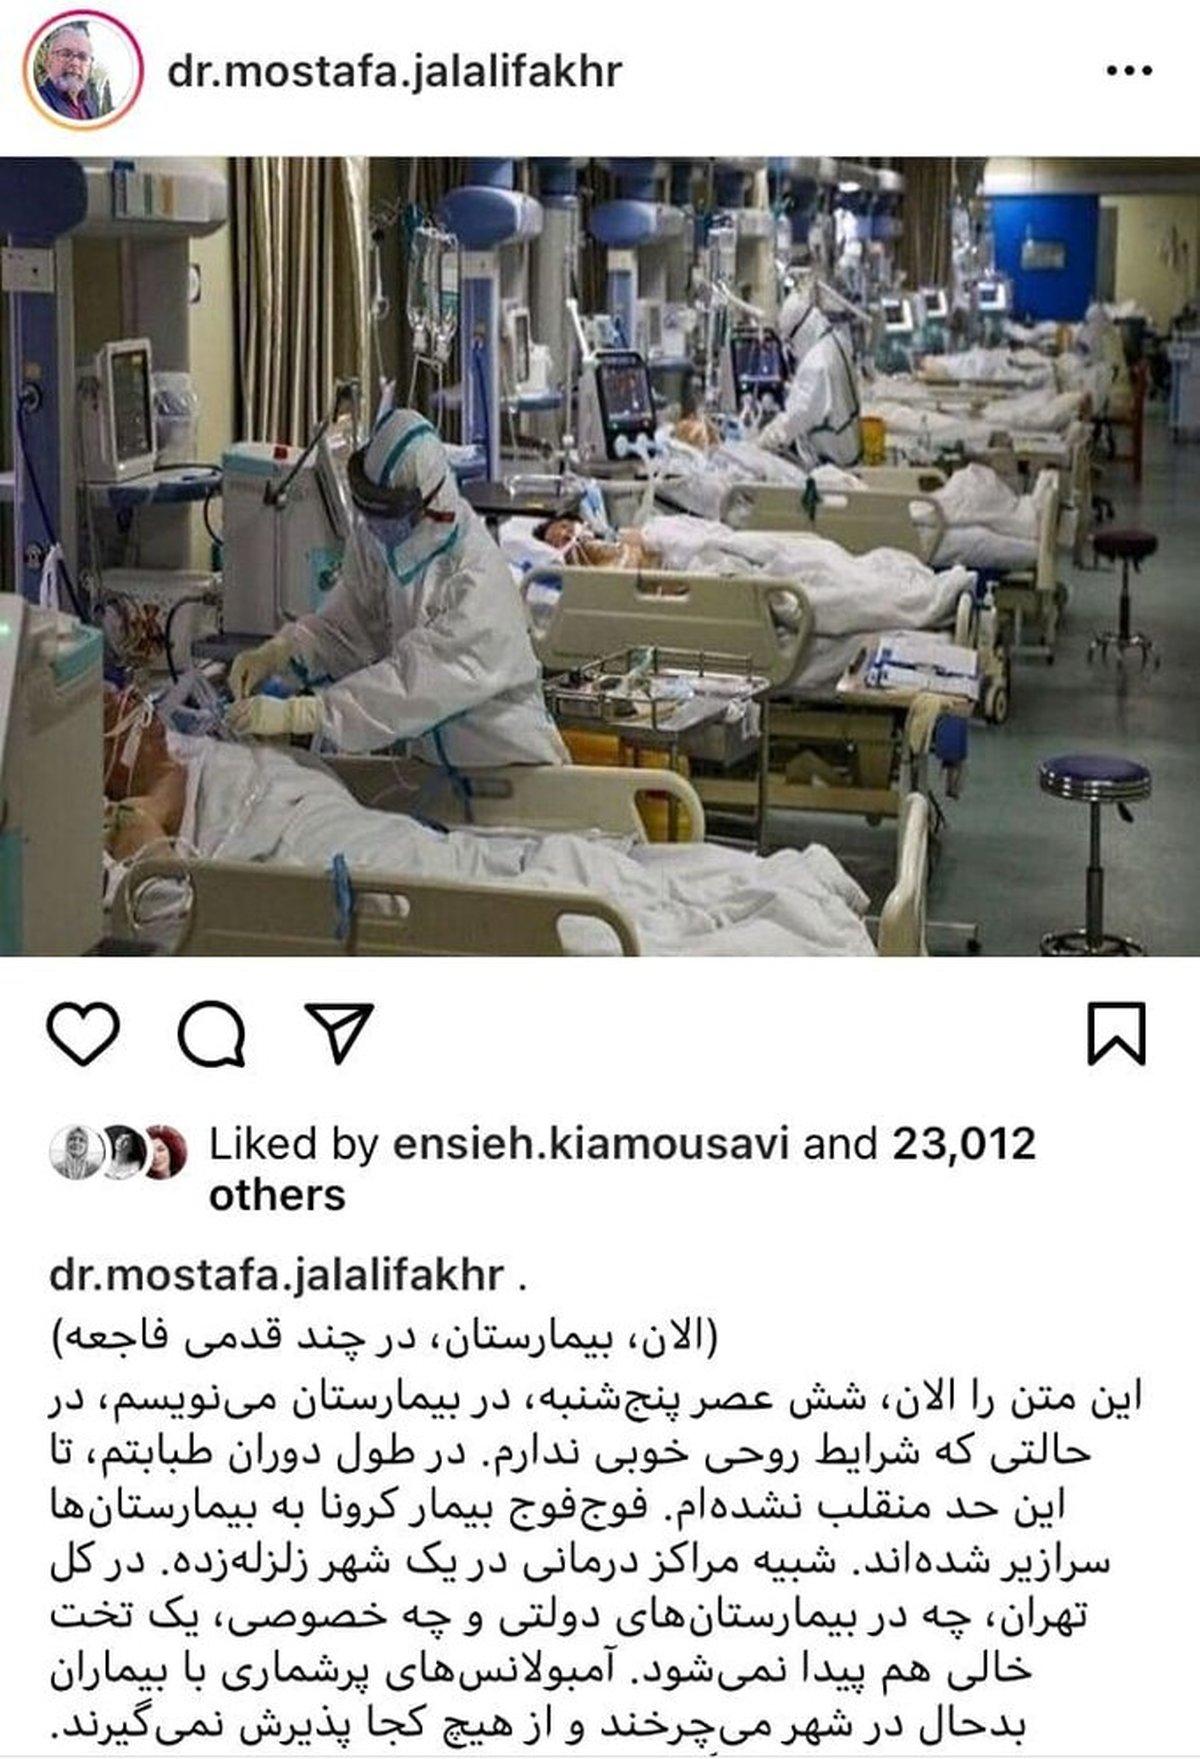 بیماران بدحال در شهر    حال و روز بیمارستانهای تهران +عکس